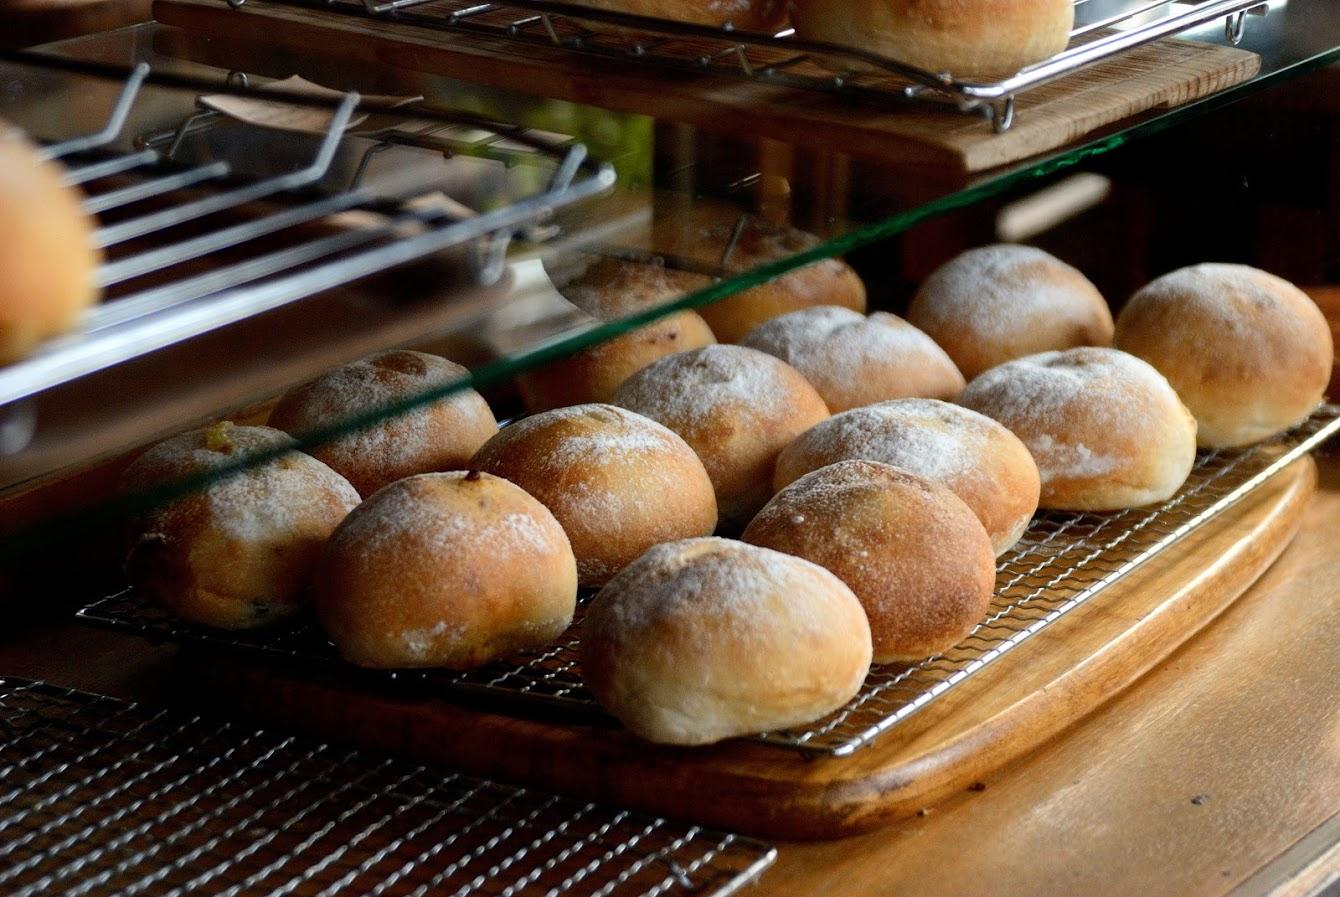 お気に入りのパン屋さん ひとつぶ堂